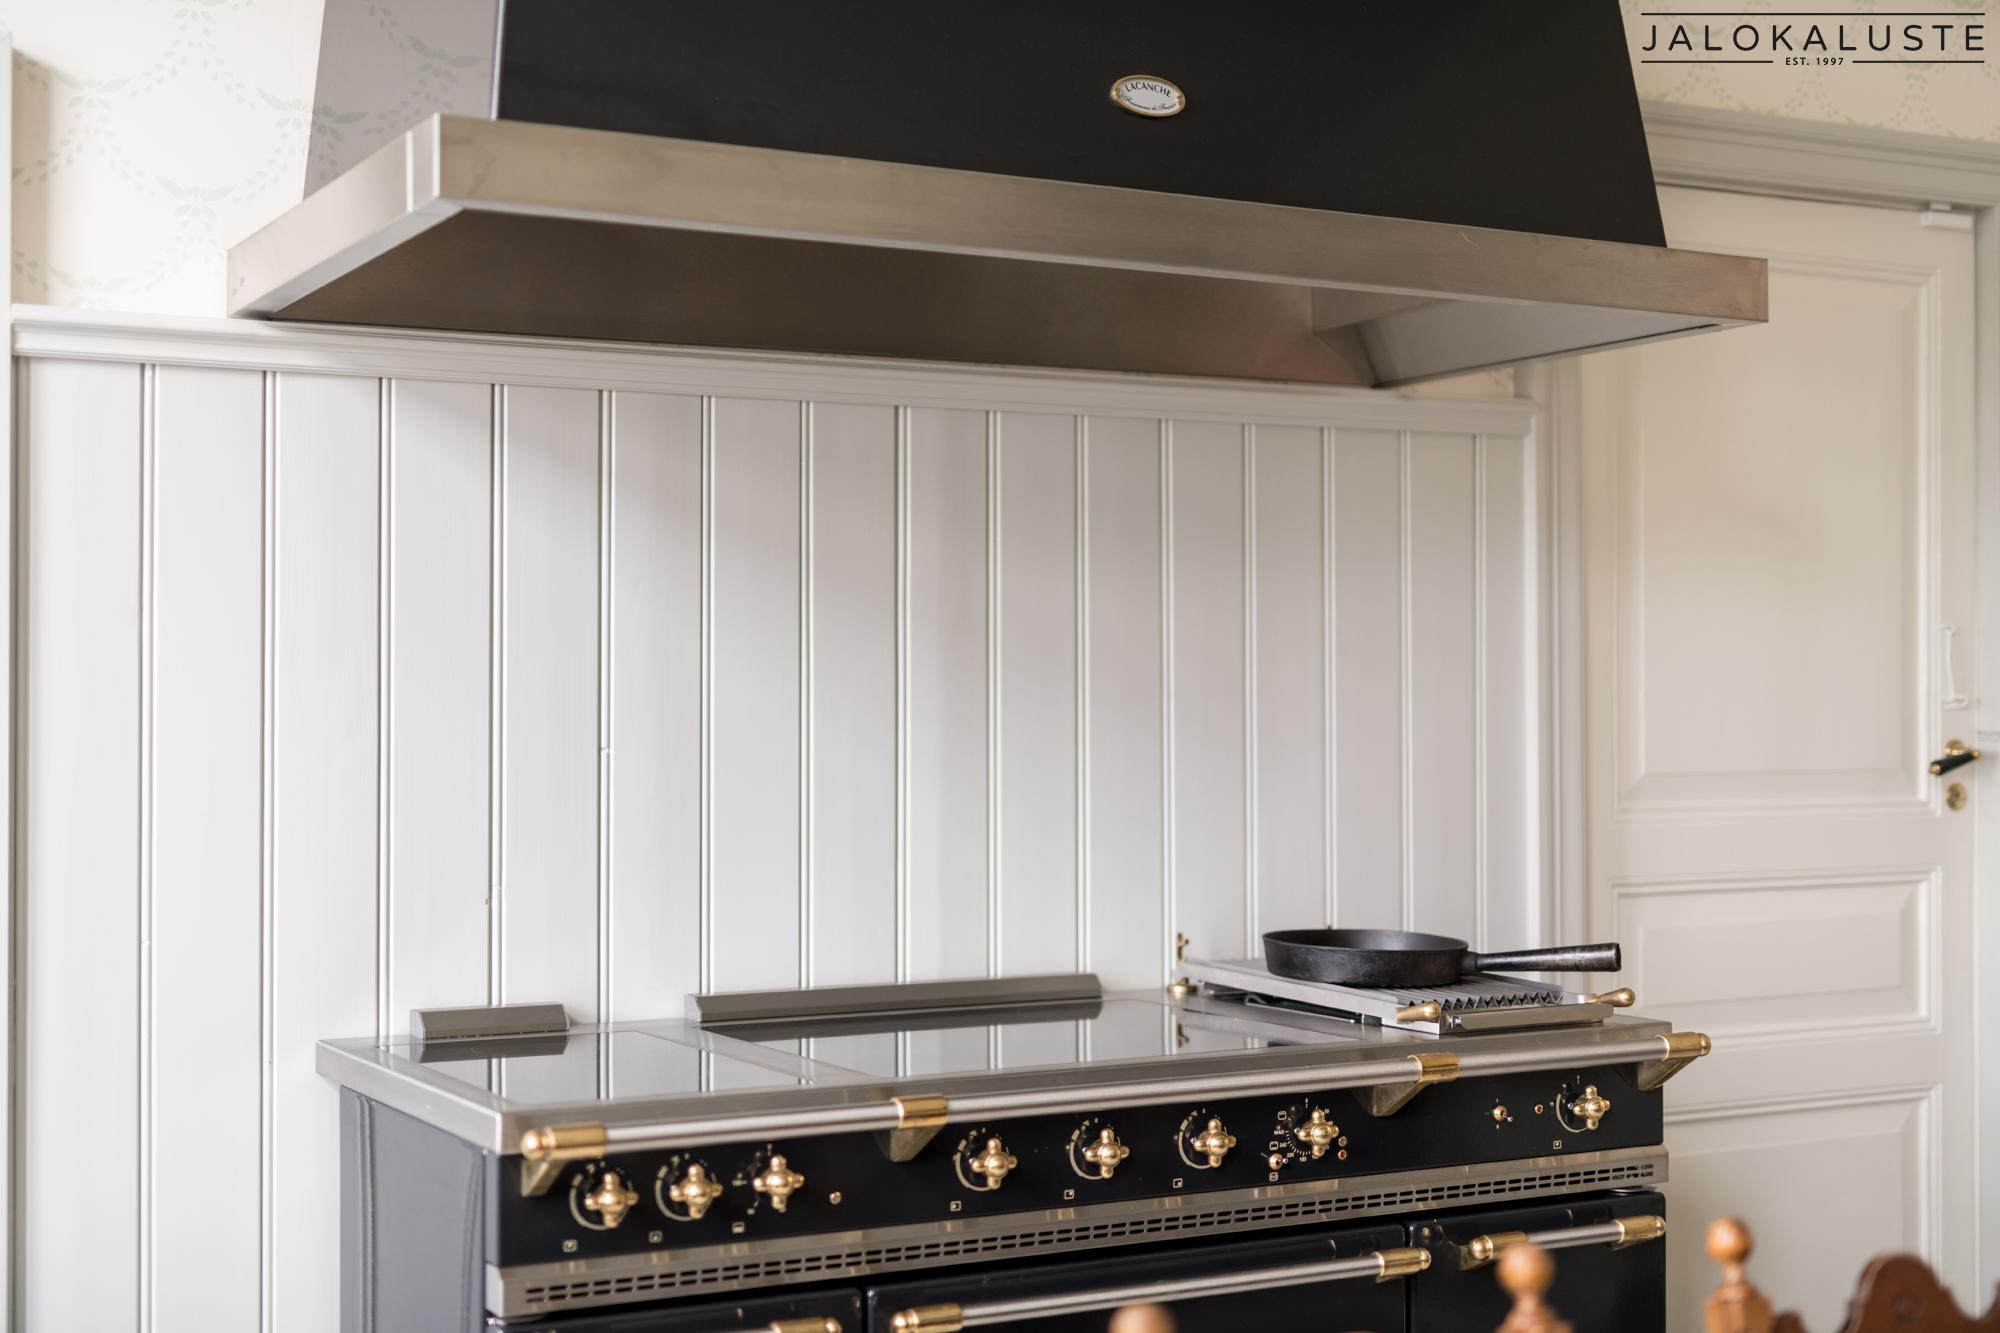 Sarlotta keittiö8- Jalokaluste.jpg